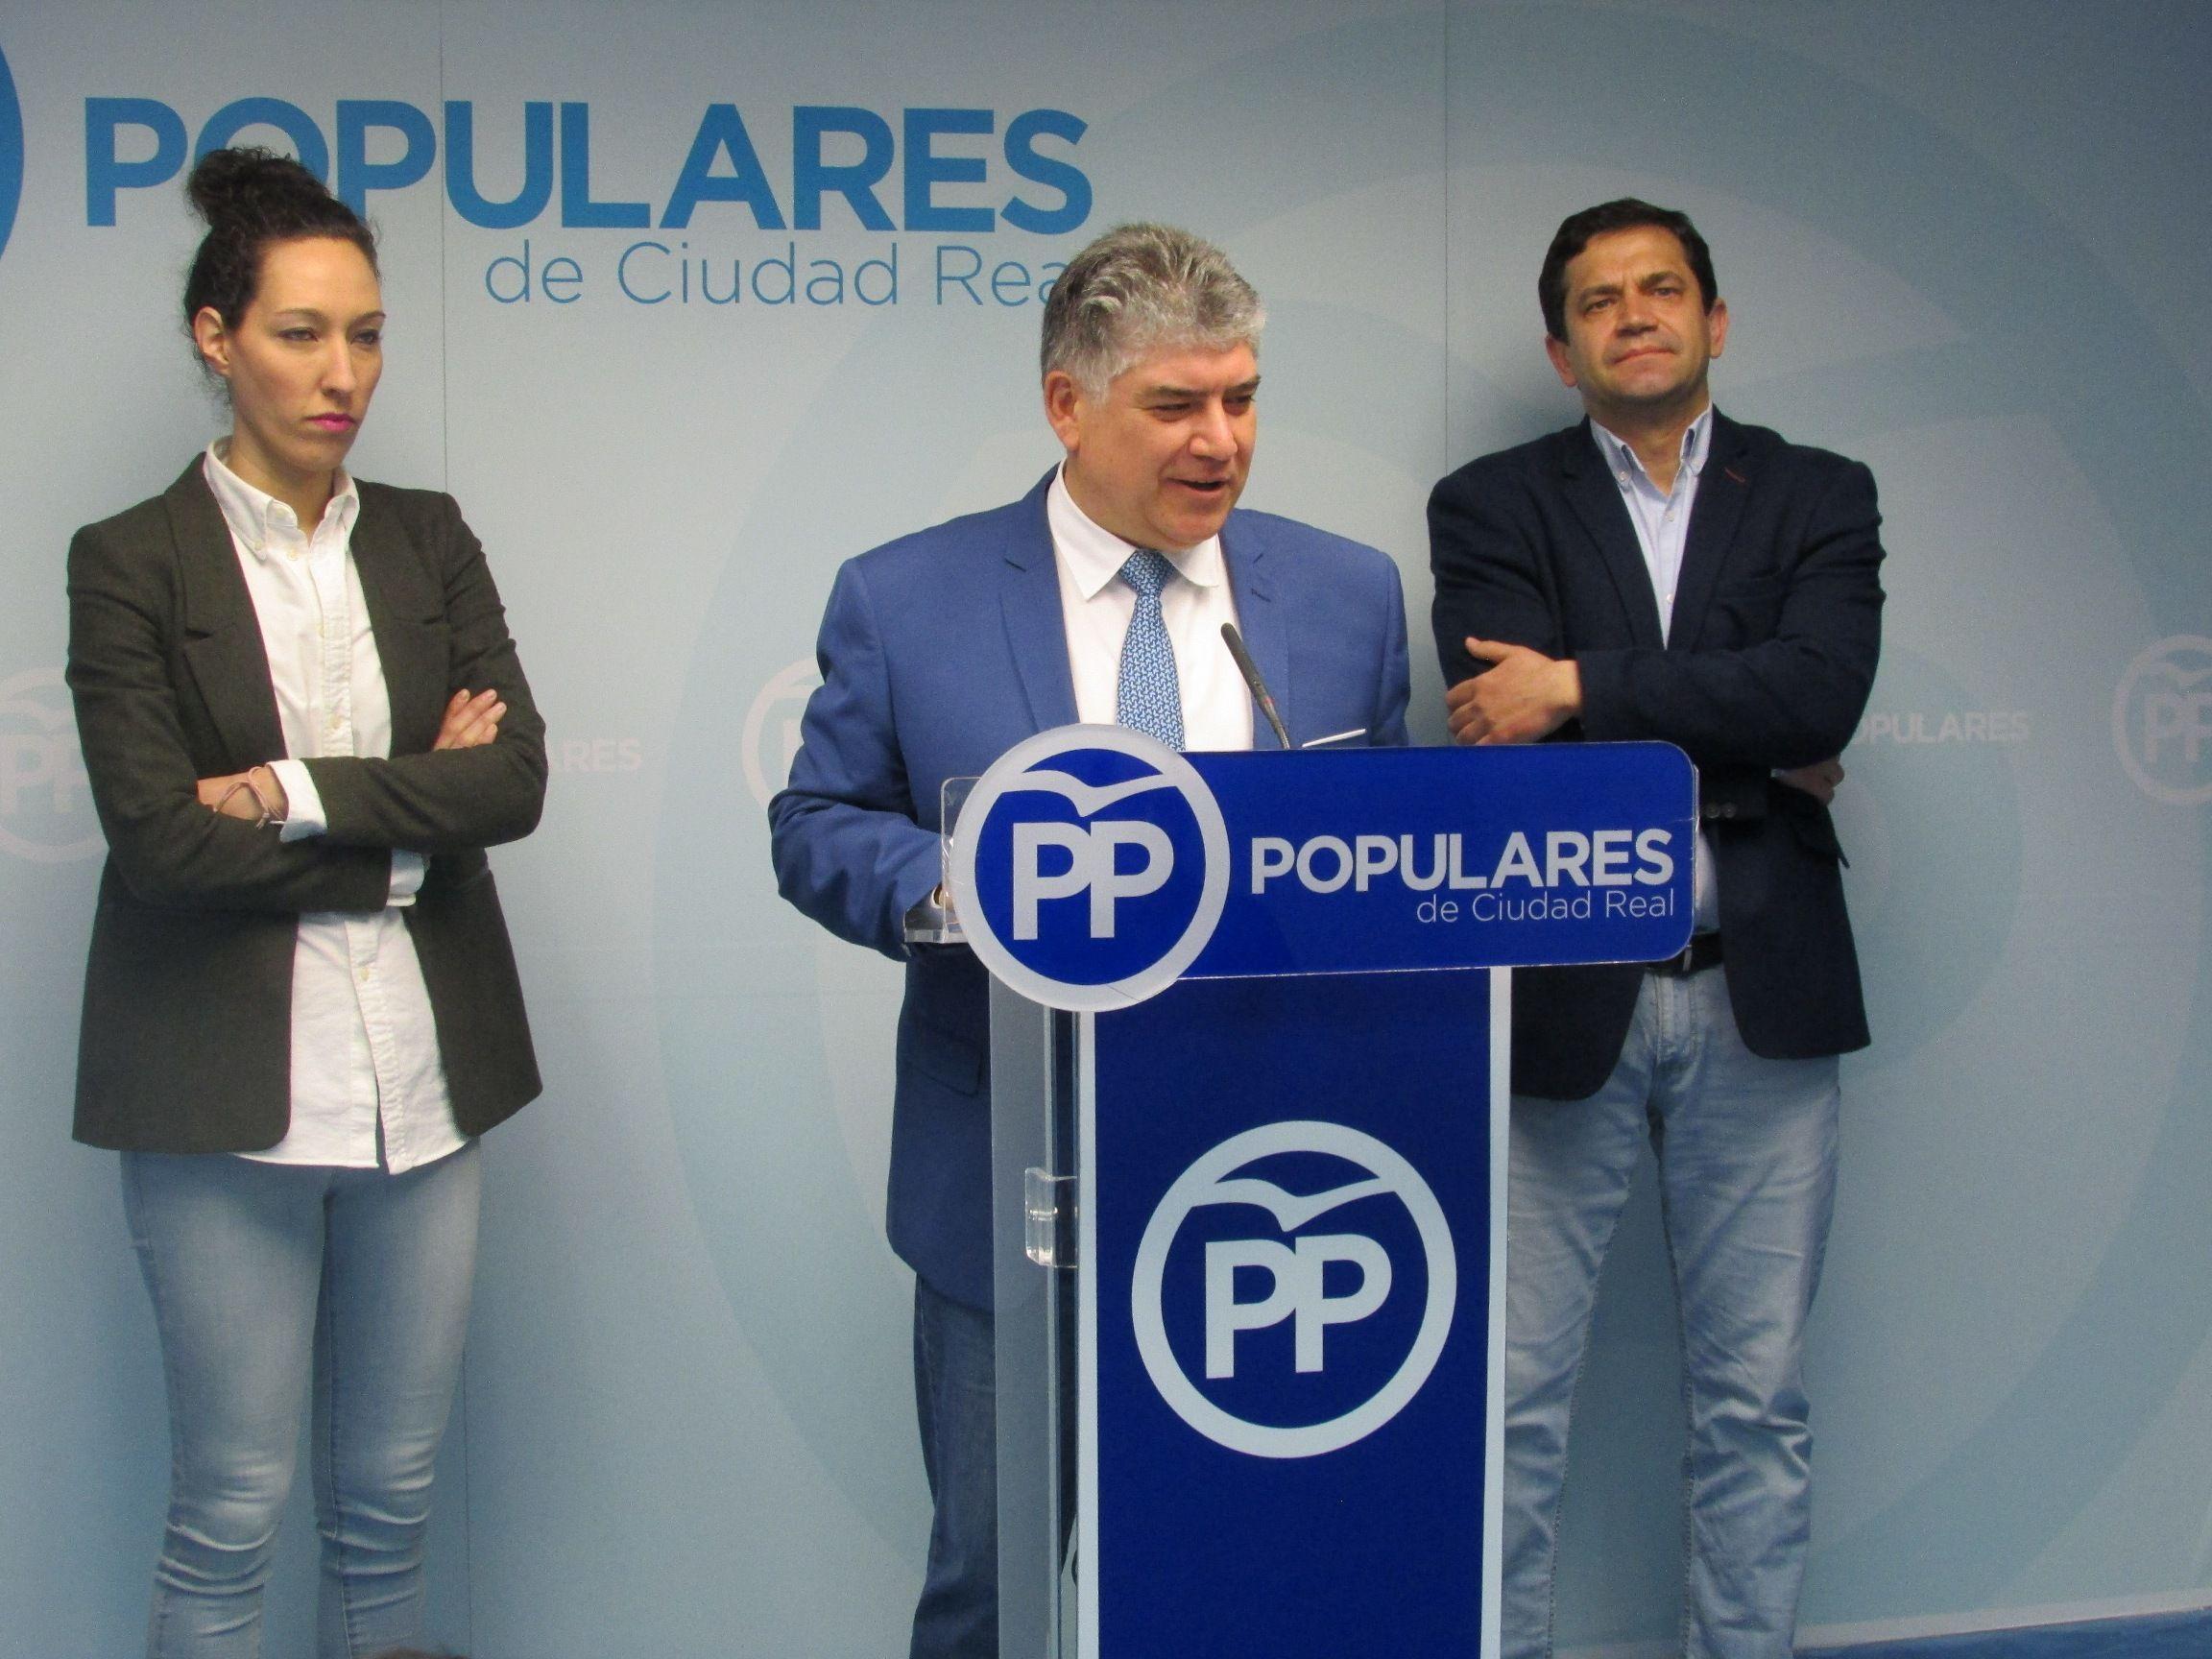 """Cotillas: """"Estamos convencidos de que mañana veremos, otra vez, la sumisión de García-Page ante Pedro Sánchez"""""""